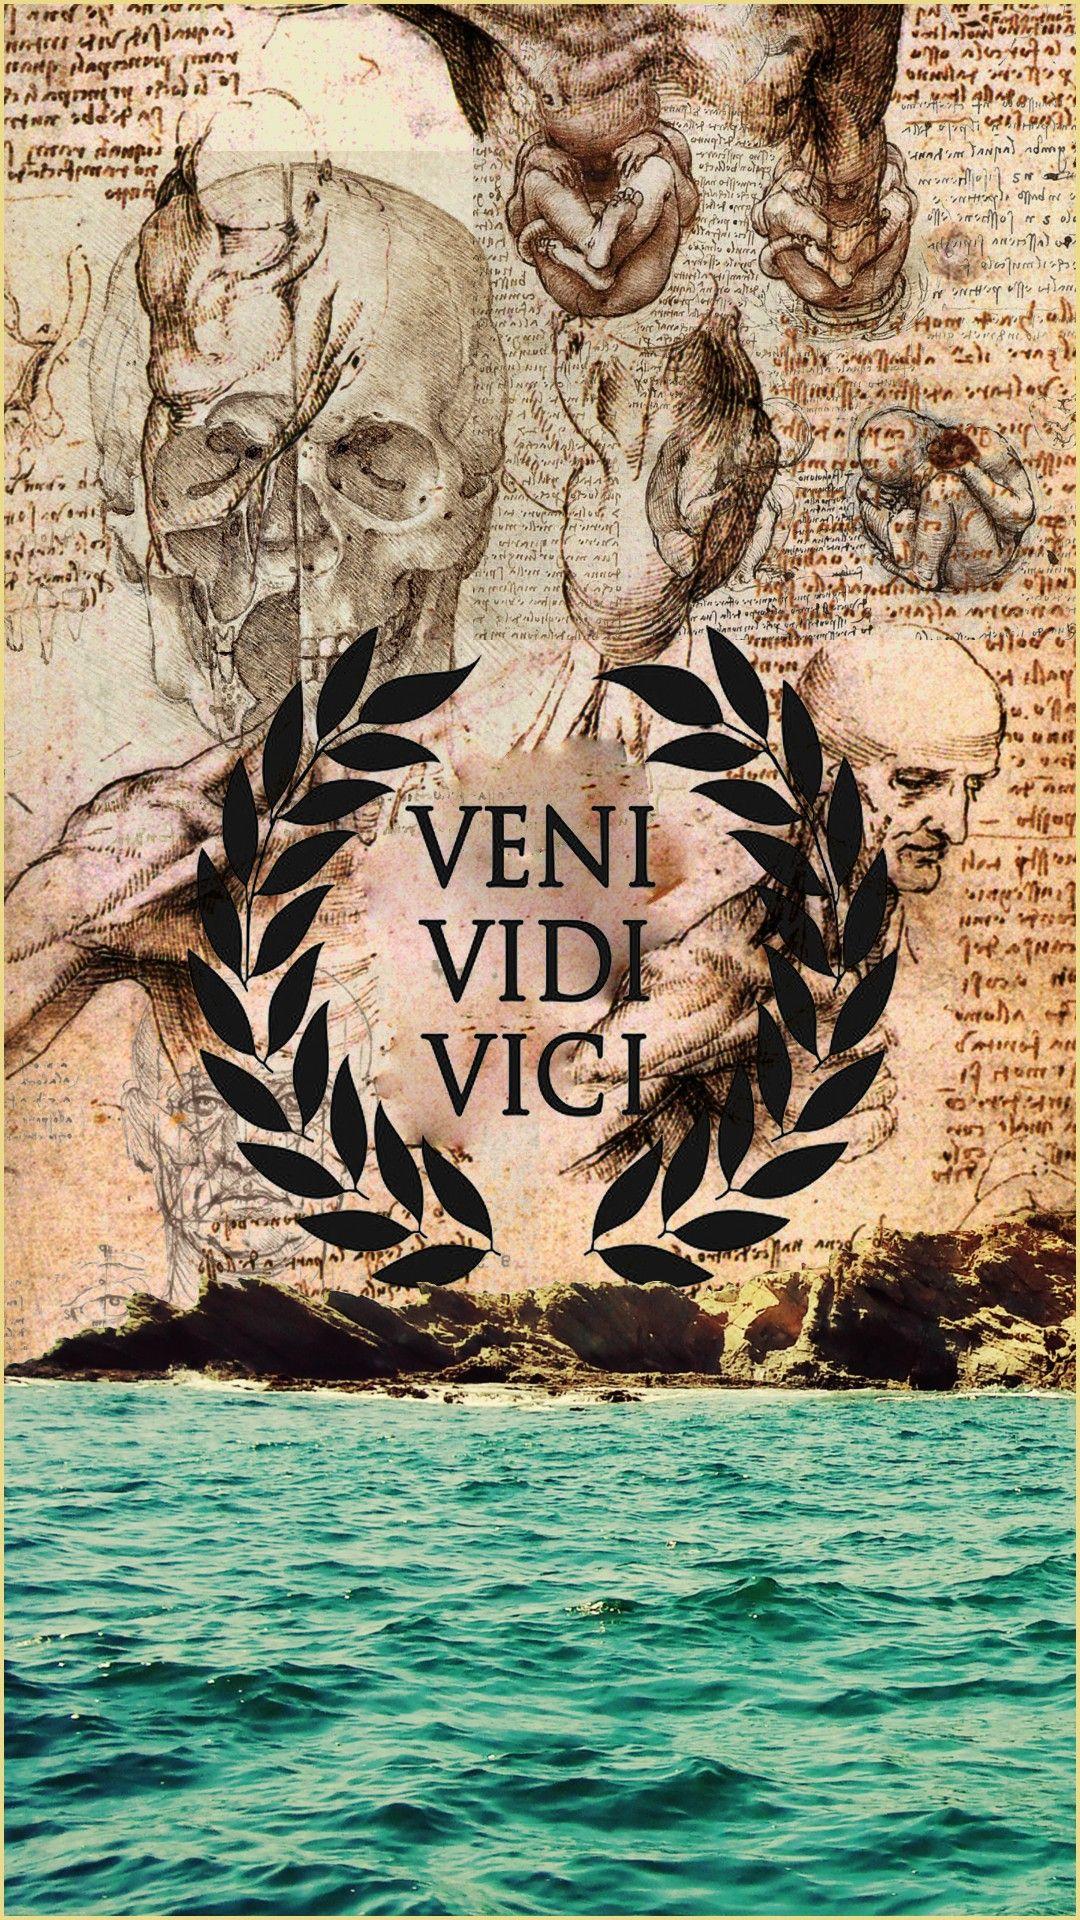 Vini Vidi Vivo Motivation Wallpaper Da Vinci Old Wallpaper